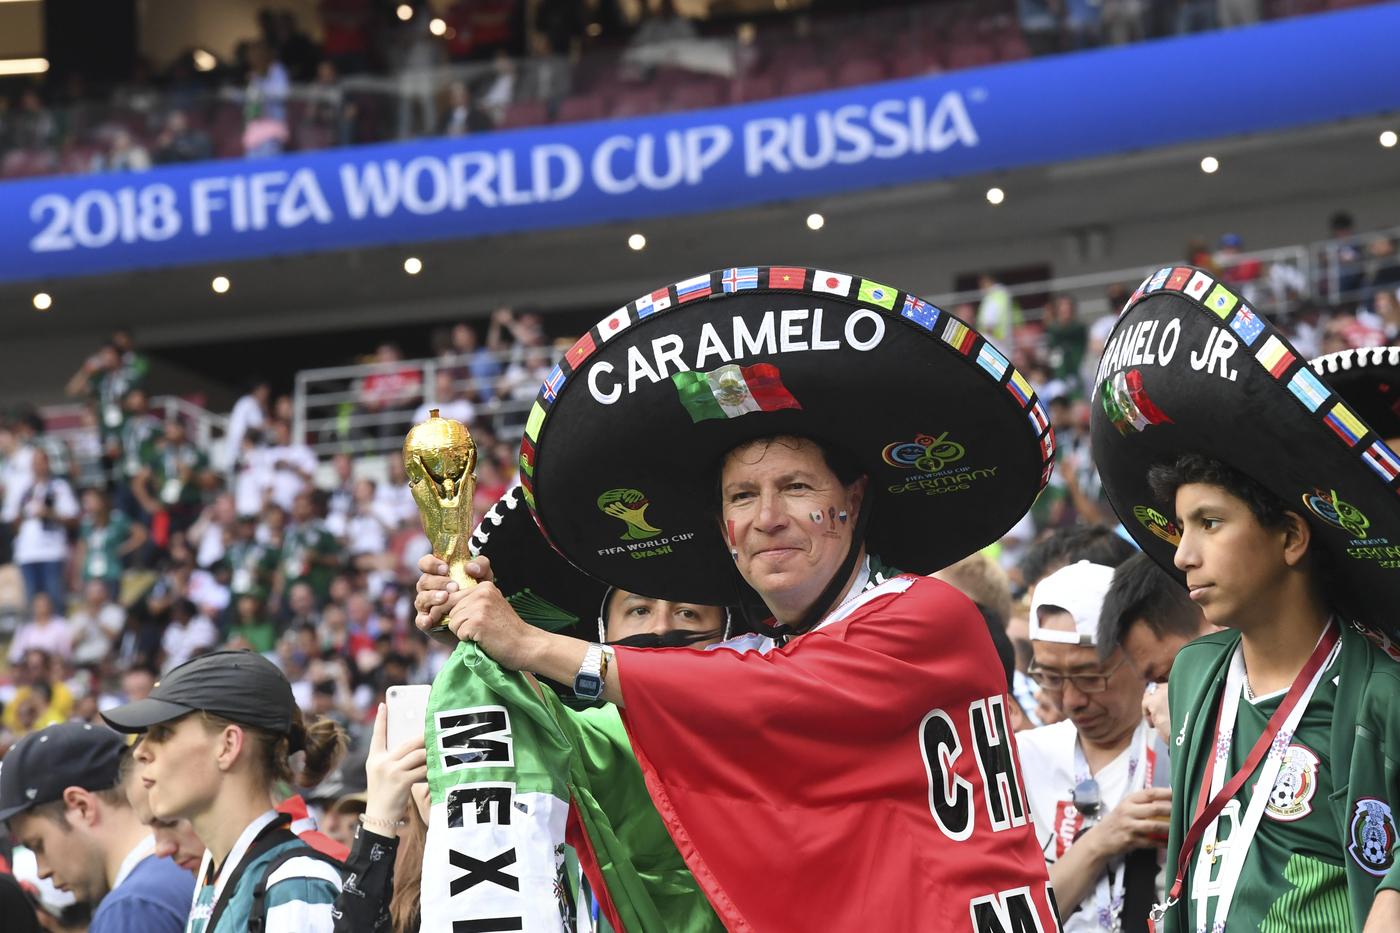 Messico-Uruguay 8 settembre: match amichevole tra squadre che ripendono l'attività dopo il mondiale. Sarà una gara equilibrata?